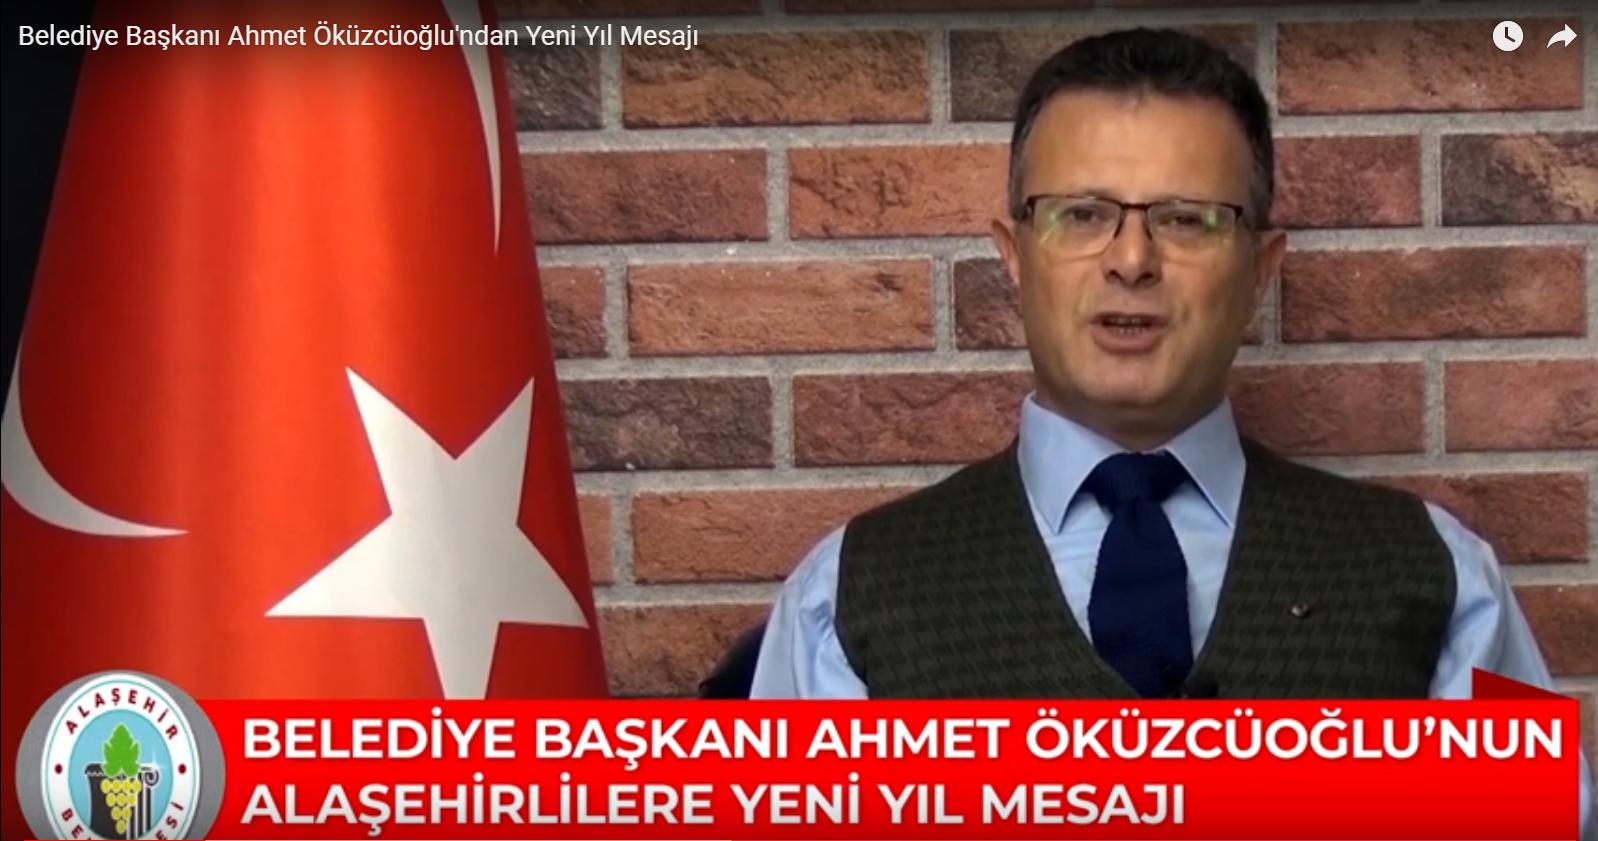 Başkan Öküzcüoğlu'ndan Yeni Yıl Mesajı